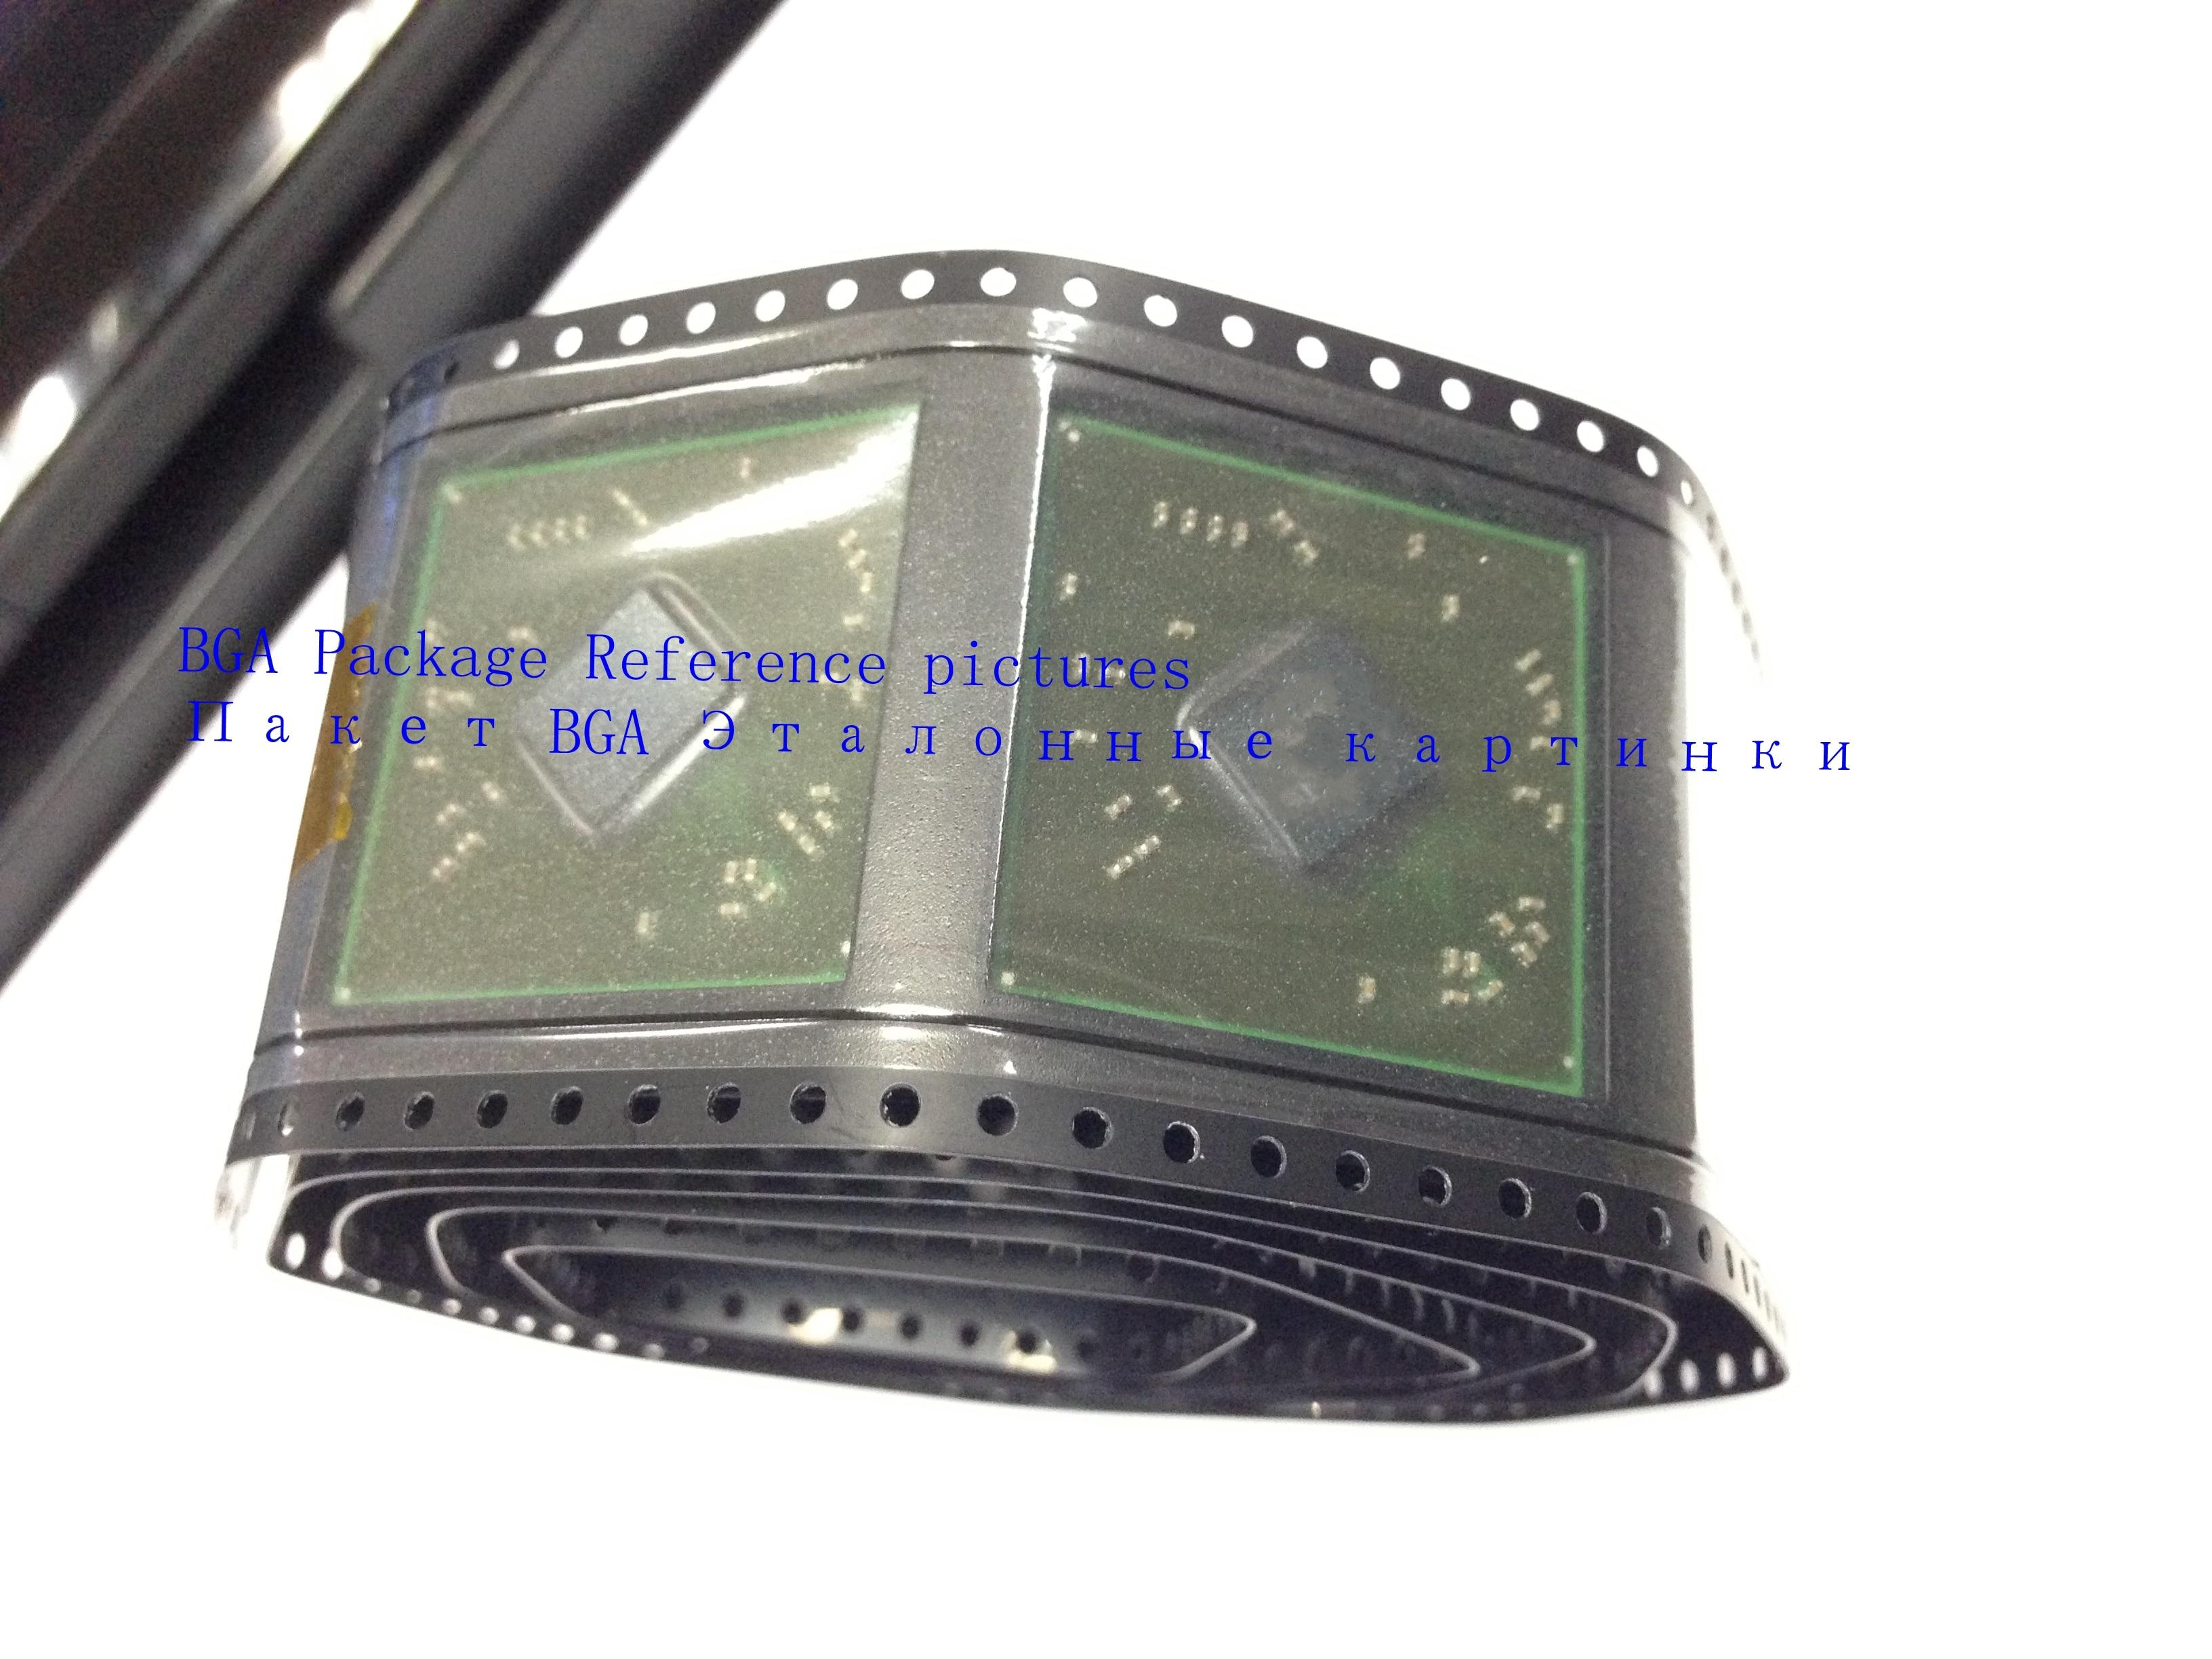 1pcs/lot 100% New EM2000GBB22GV BGA Chipset1pcs/lot 100% New EM2000GBB22GV BGA Chipset